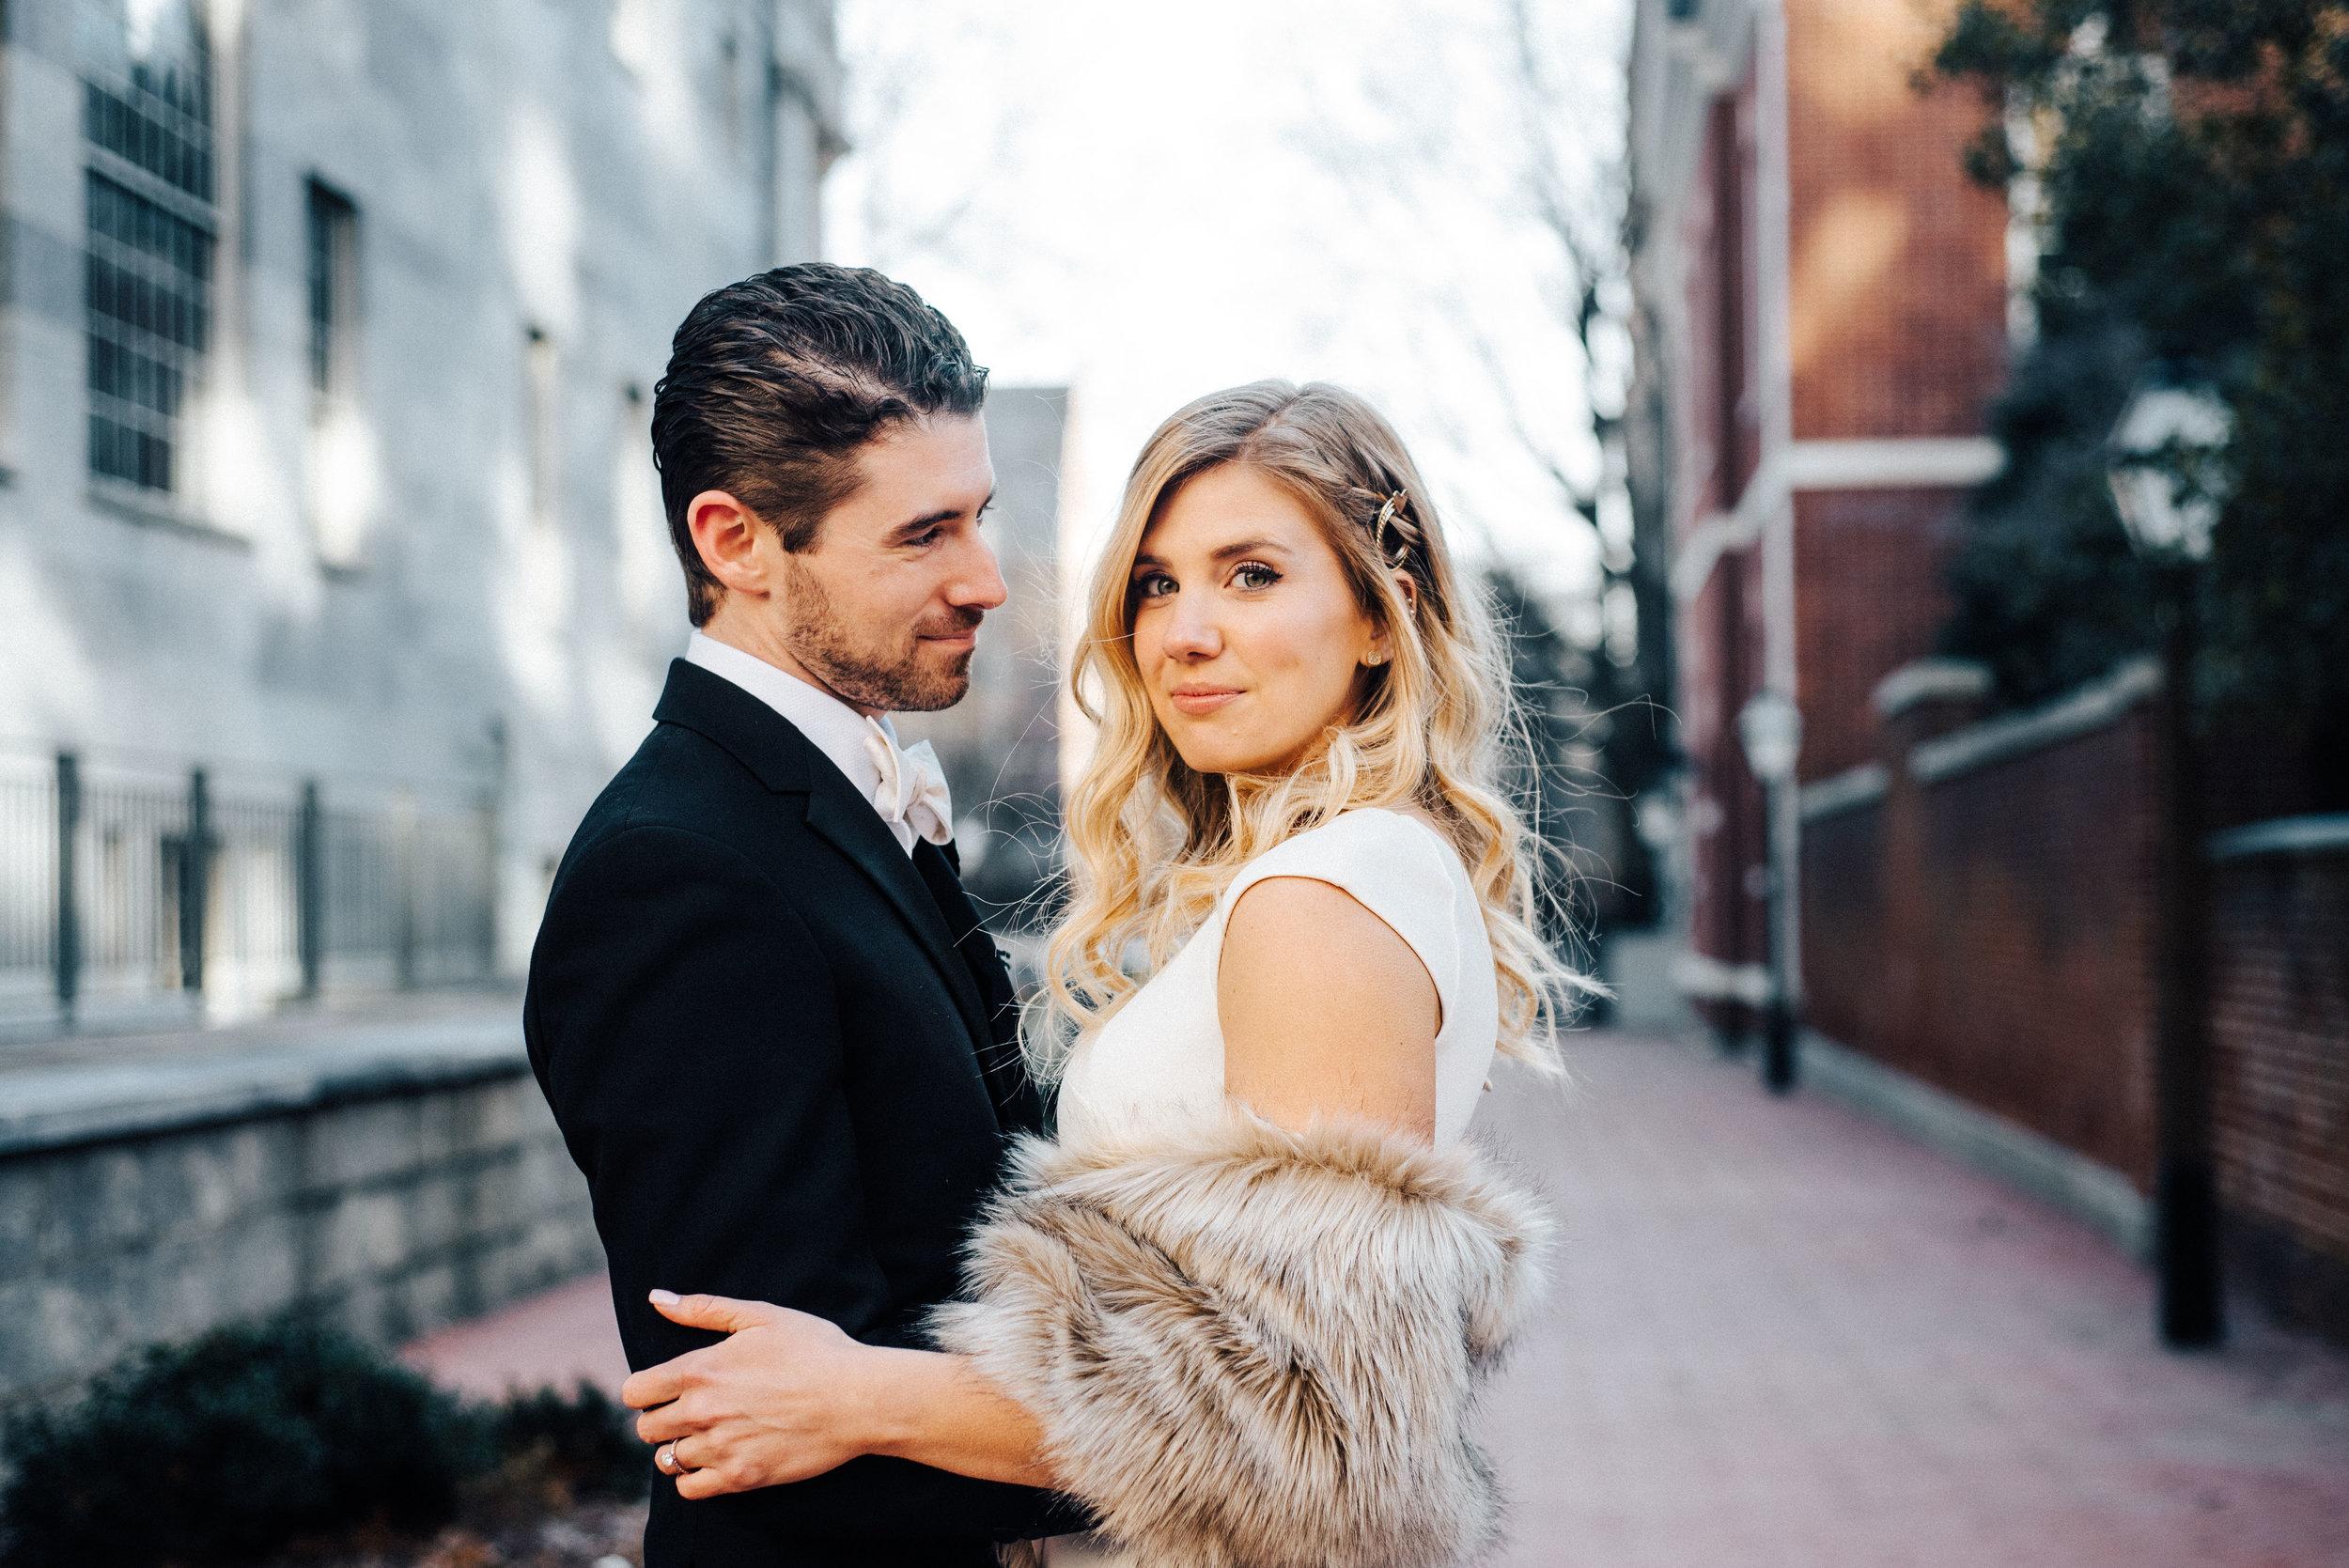 Wedding_ErinJimmy-30.jpg